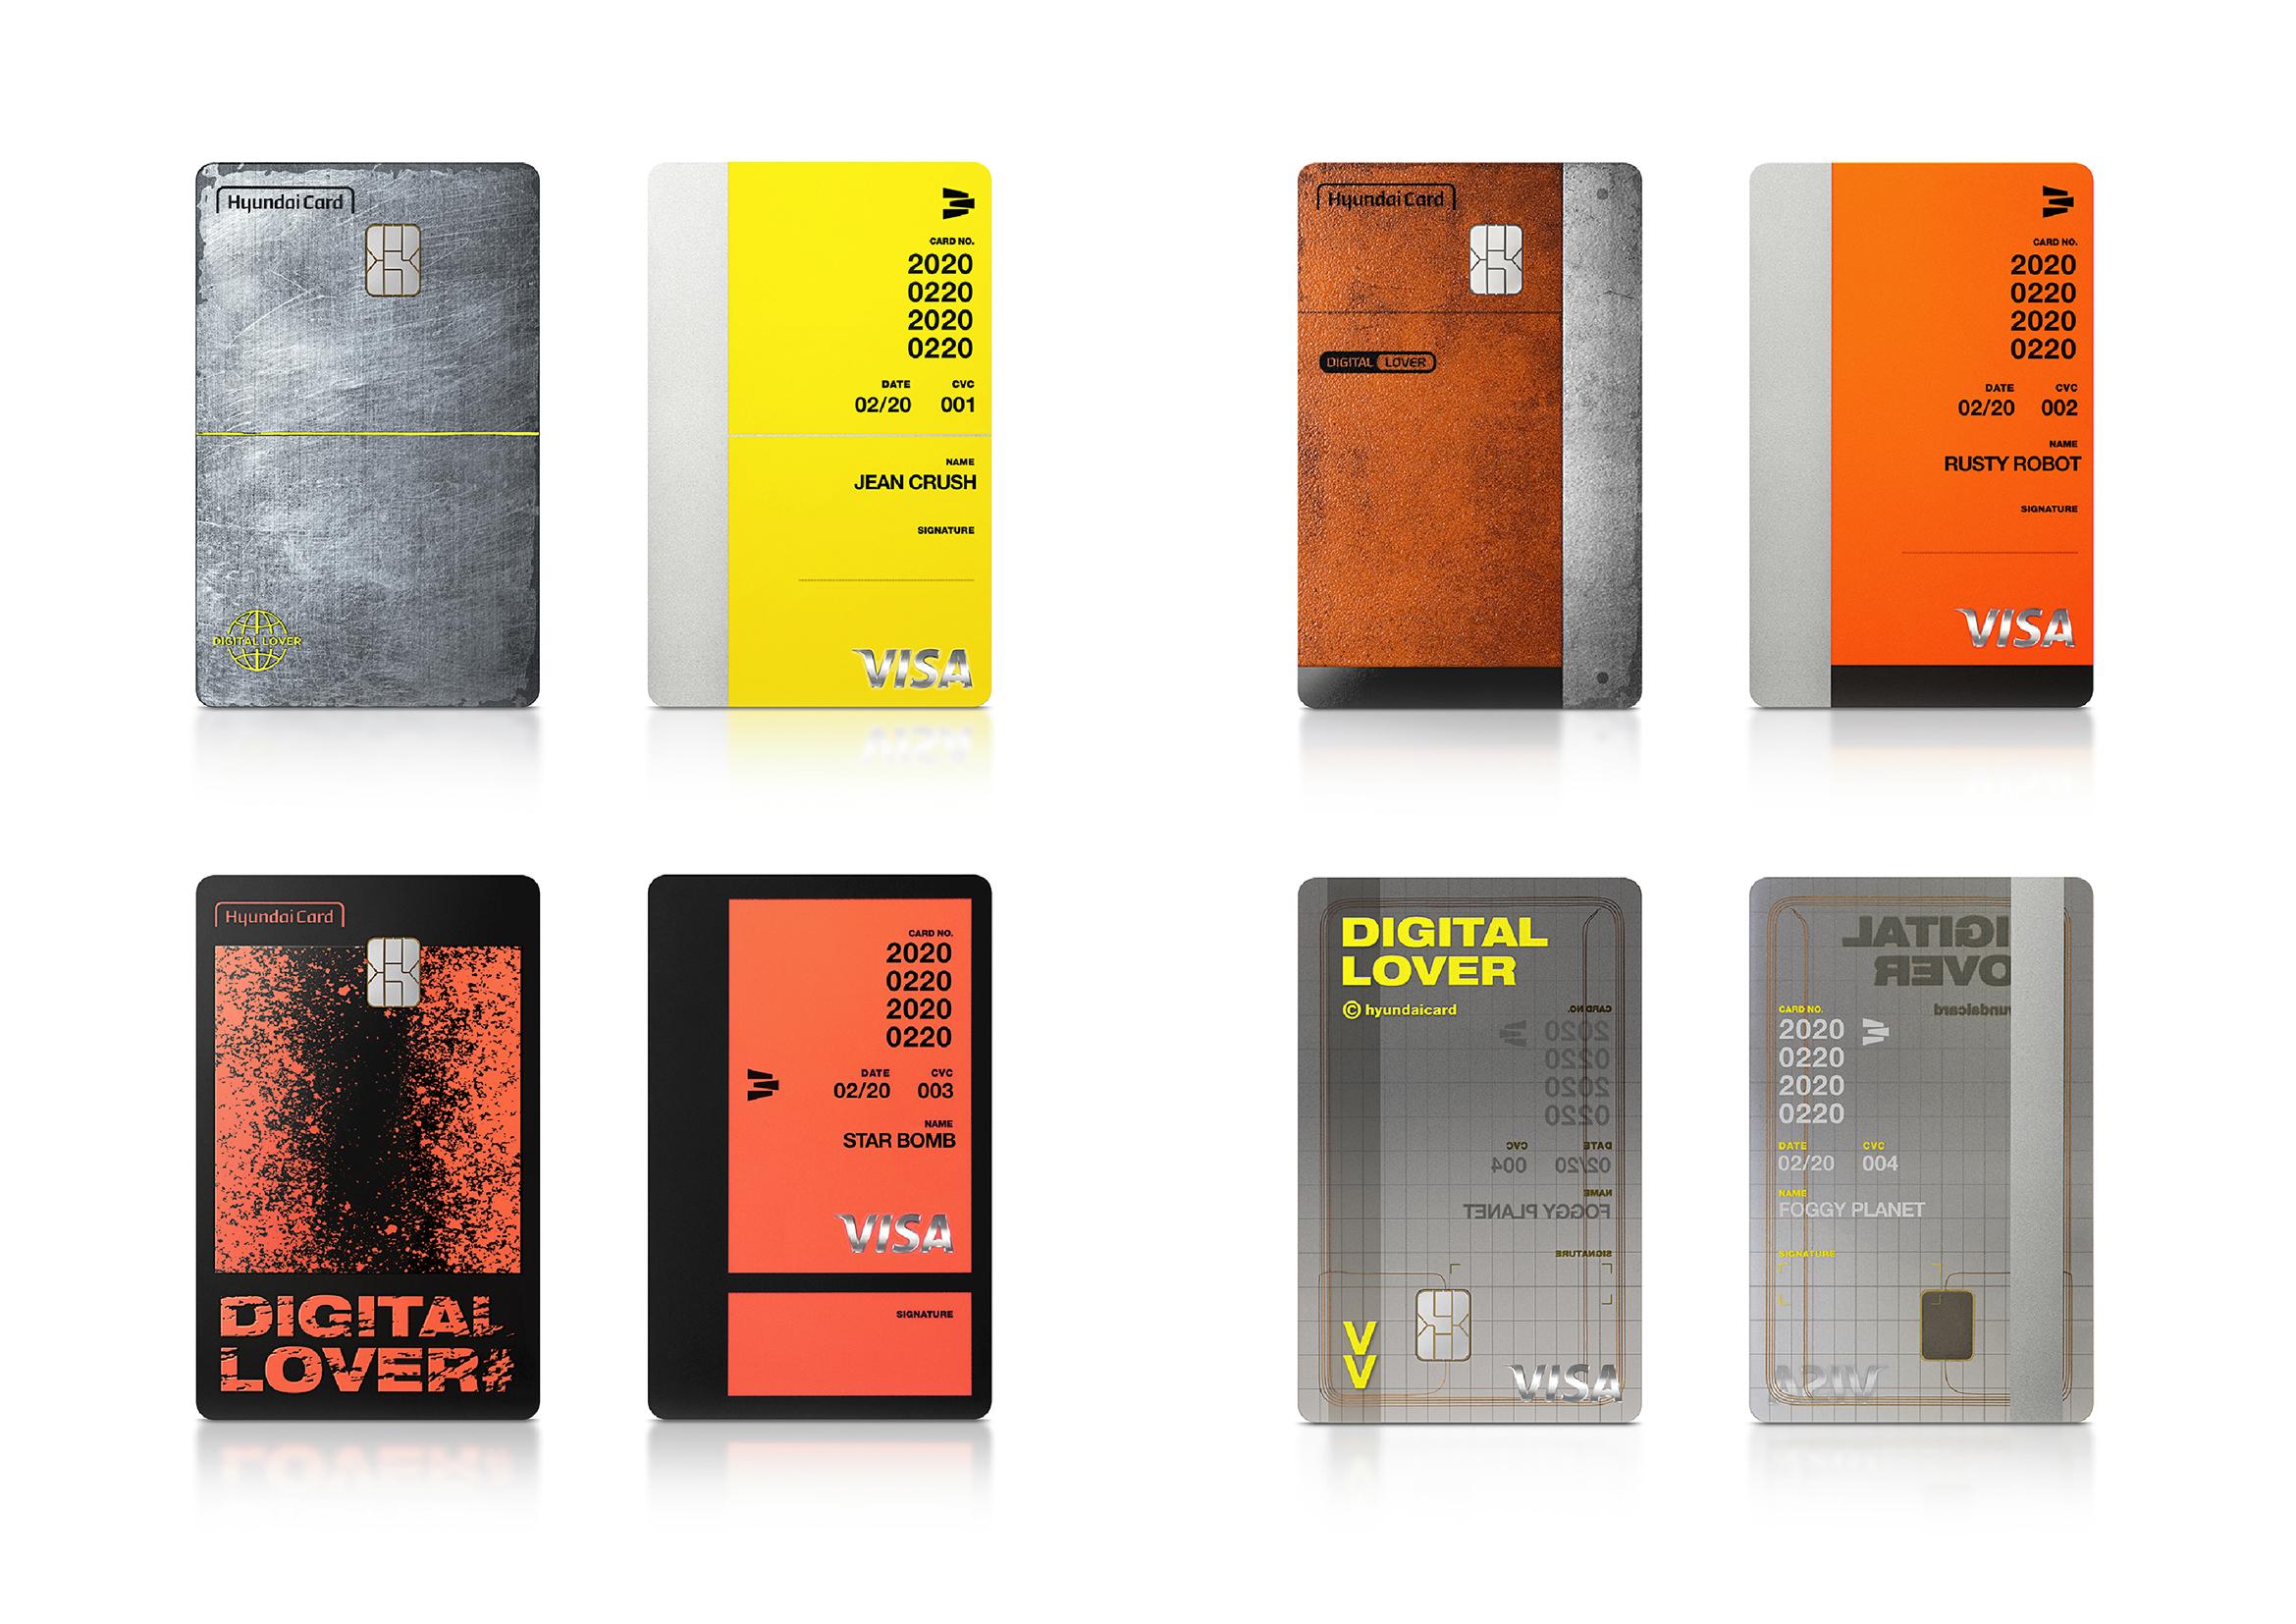 Hyundai_Card_DIGITAL_LOVER.jpg